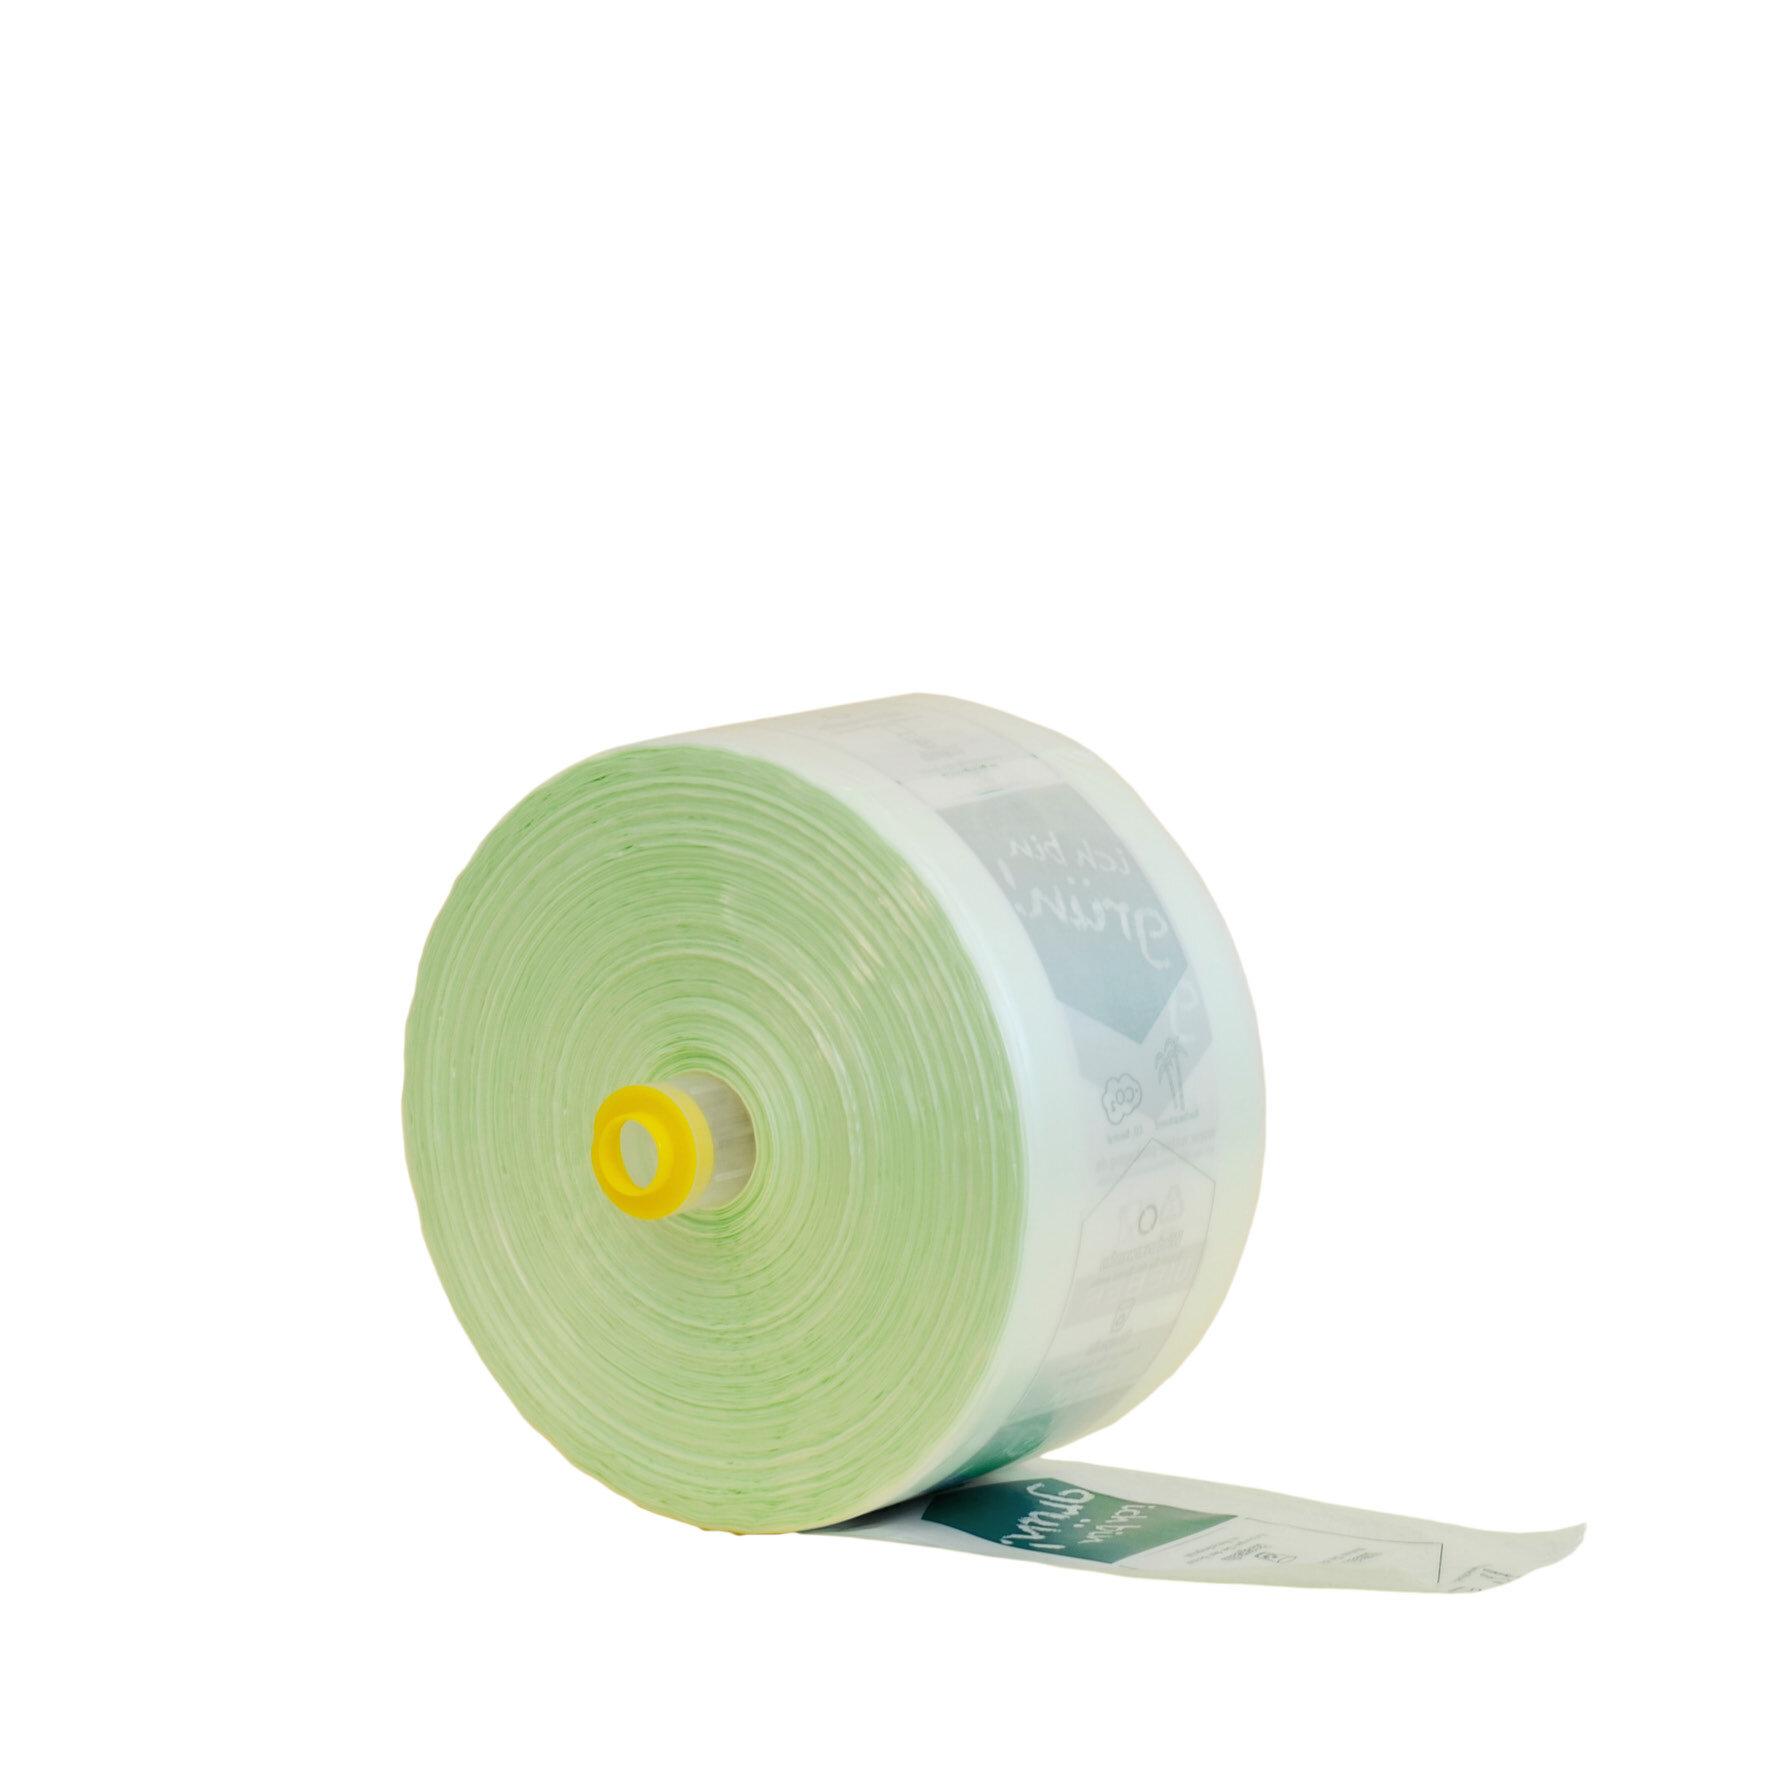 WEBApouch  Obstbeutel aus HDPE aus Zuckerrohr    individuell bedruckbar, recyclebar (HDPE), Sternschweißung ohne Henkel